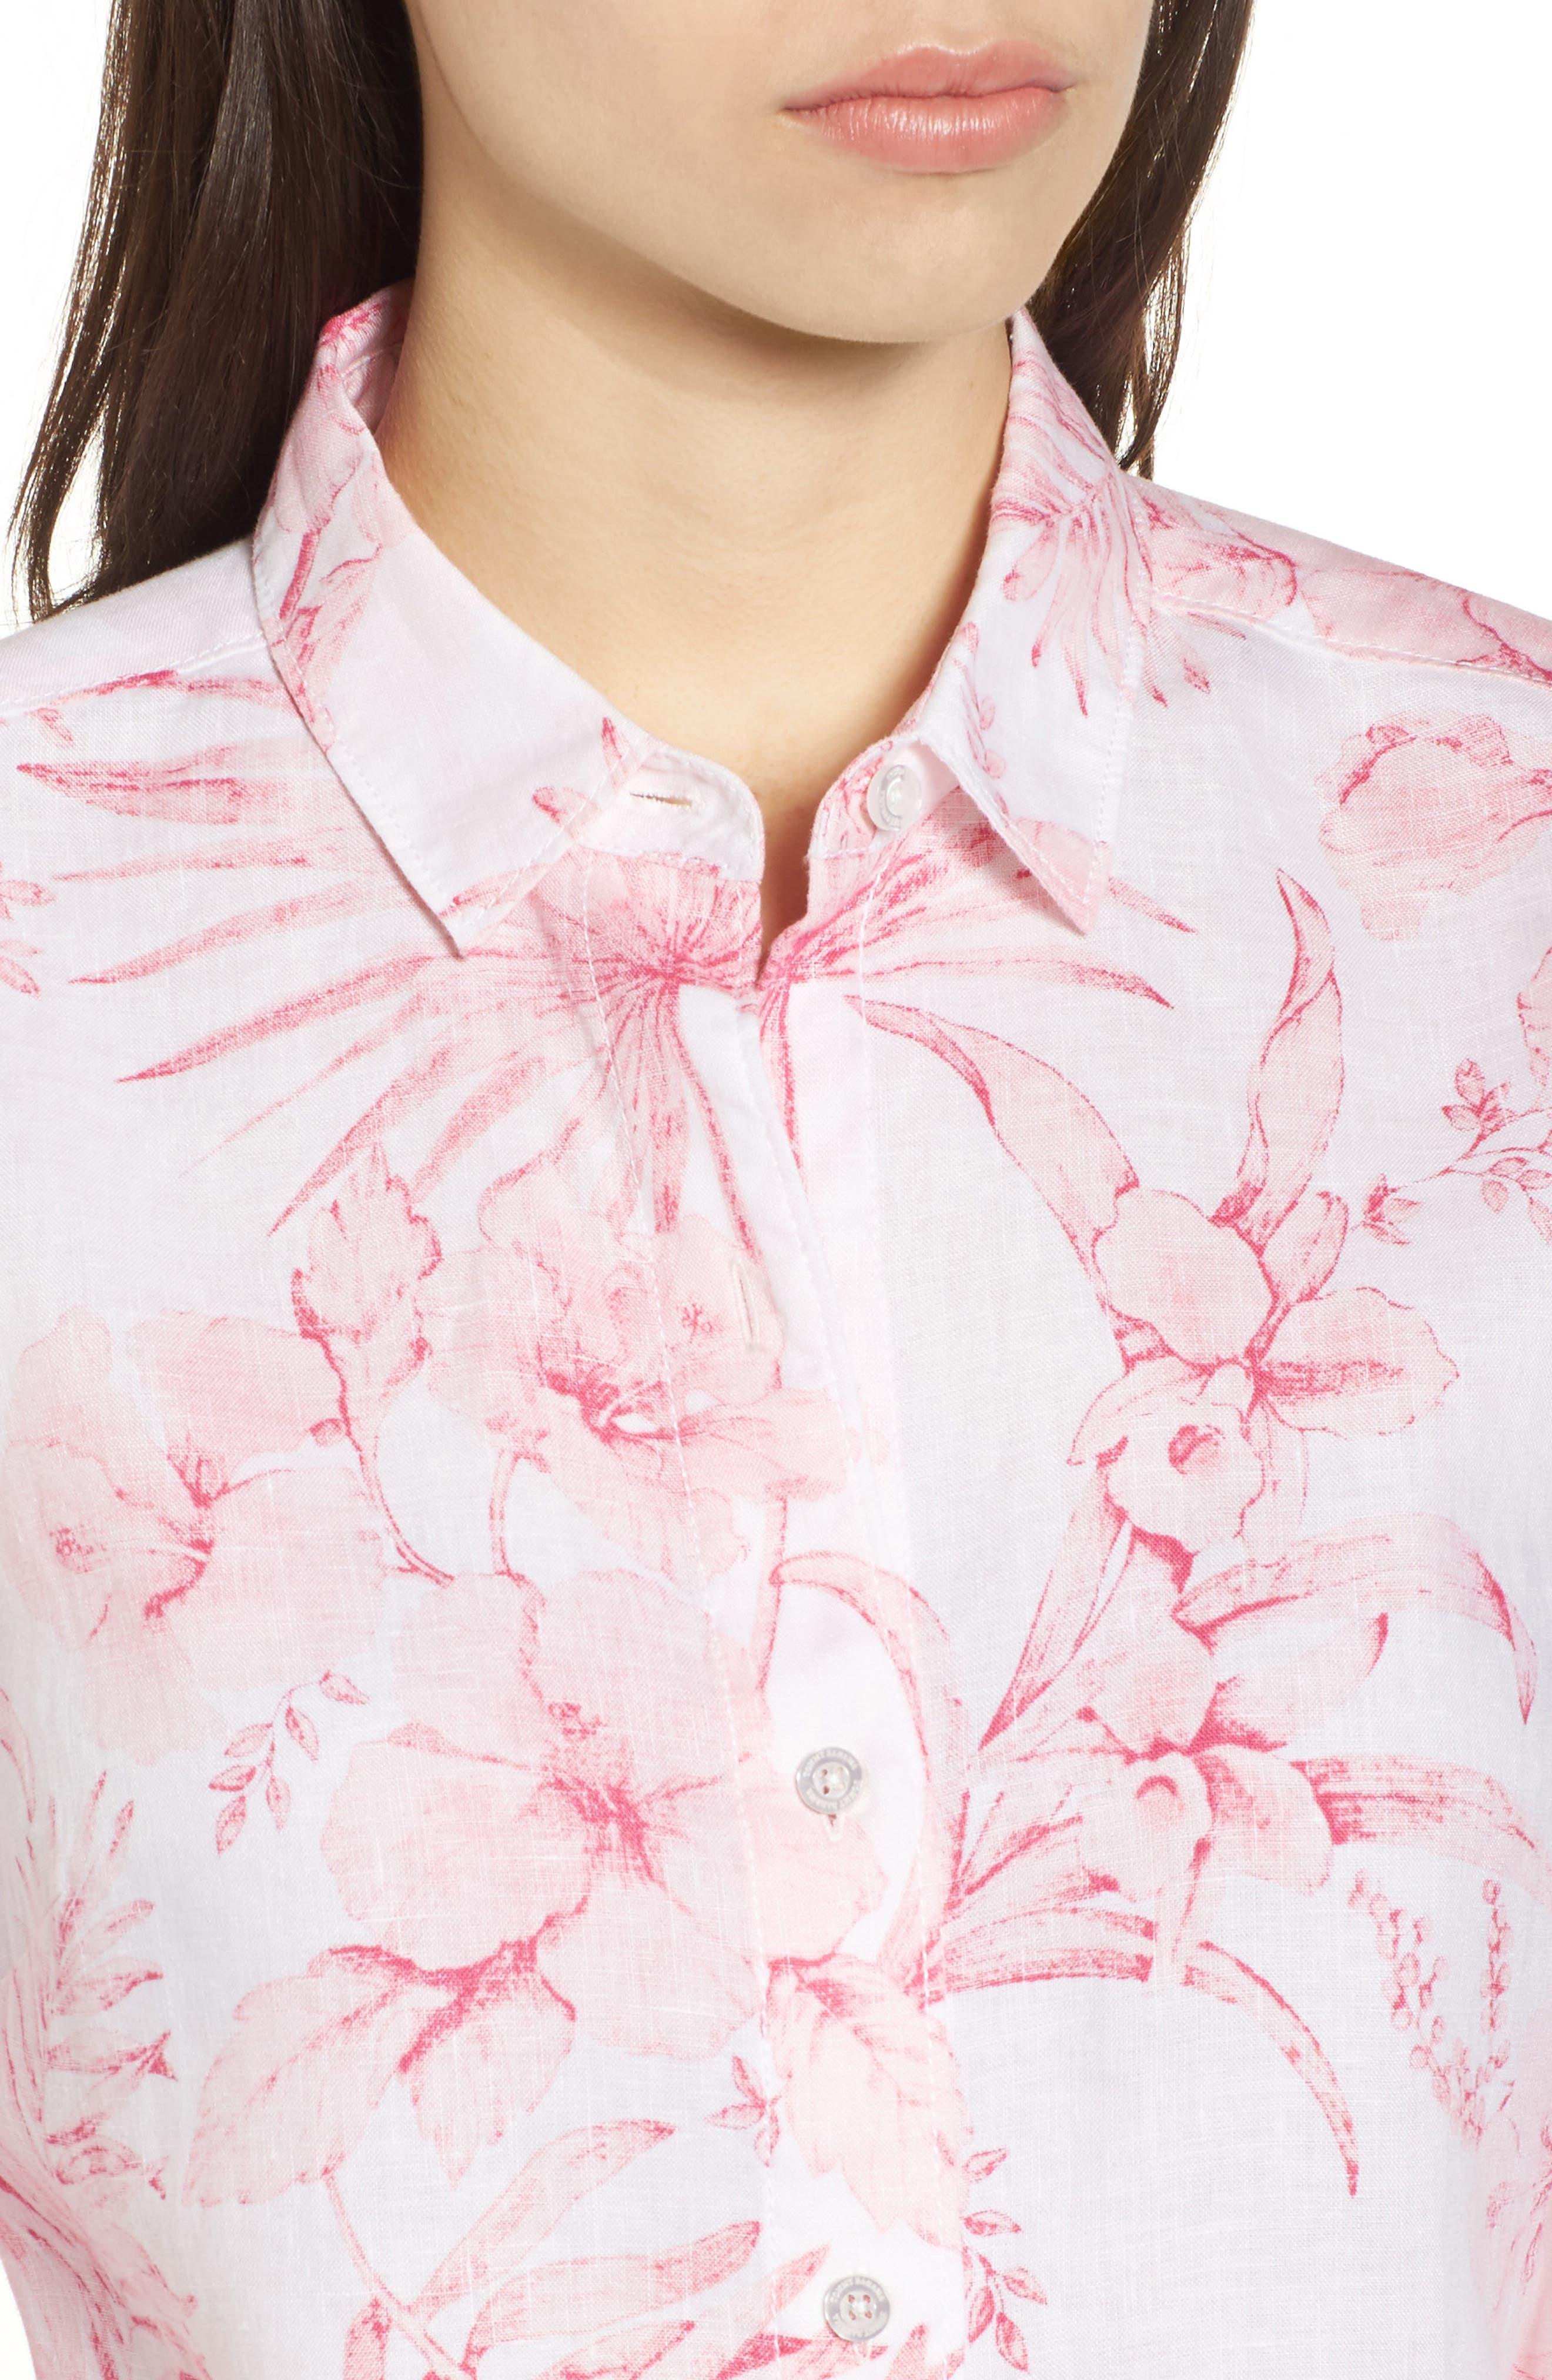 Tulum Tropical Linen Shirt,                             Alternate thumbnail 4, color,                             PINK LACE